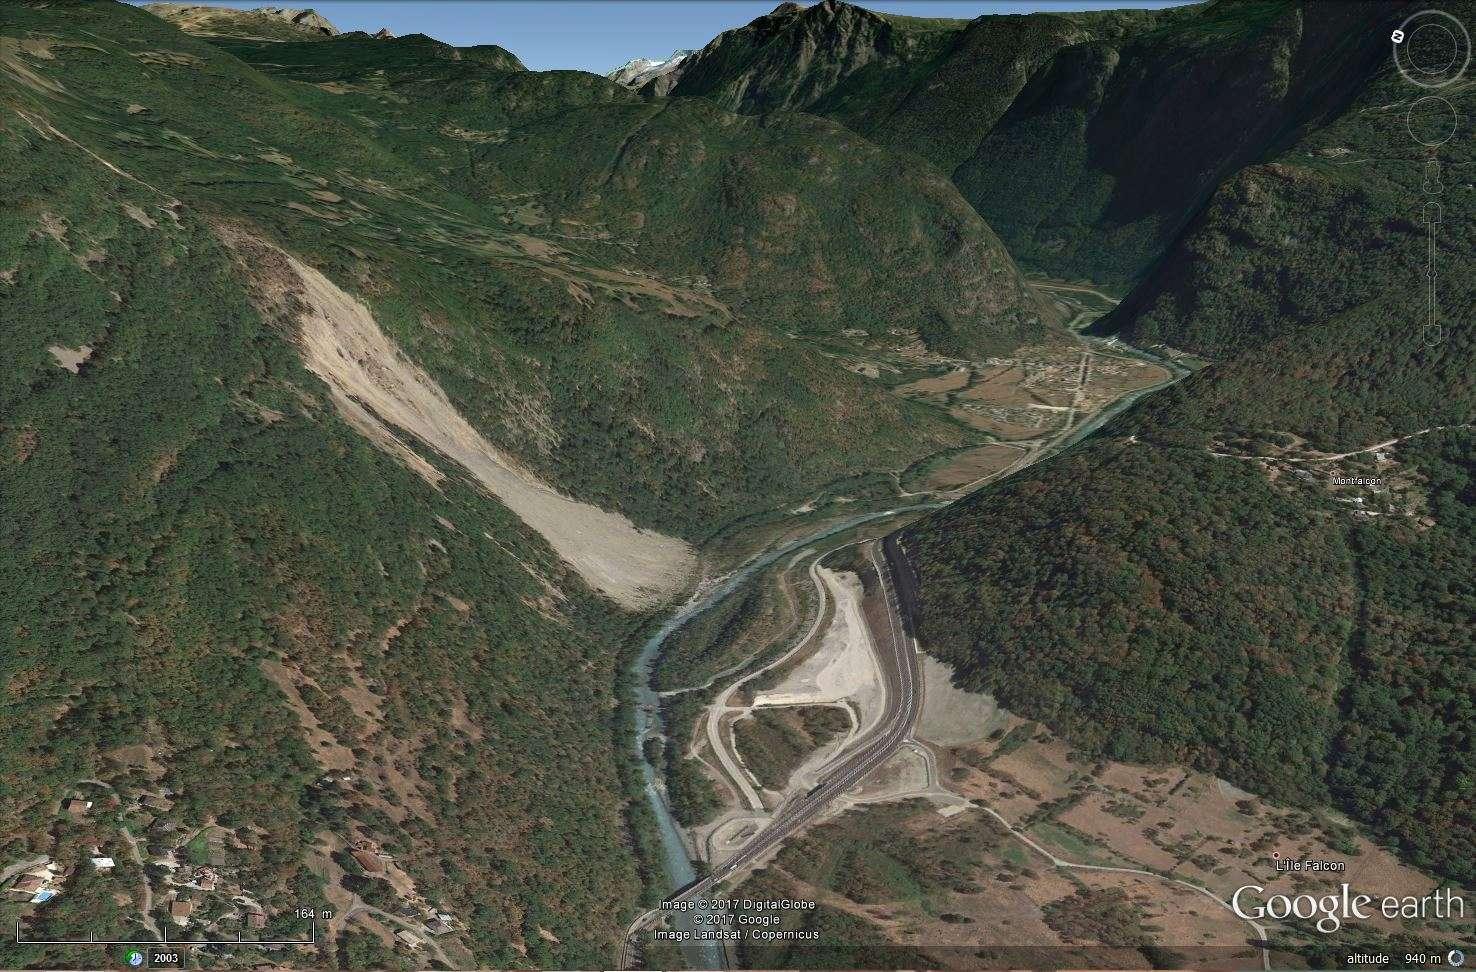 [Désormais visible sur Google Earth] - Le barrage hydroélectrique de Gavet sur la Romanche - Isère Tsge_196